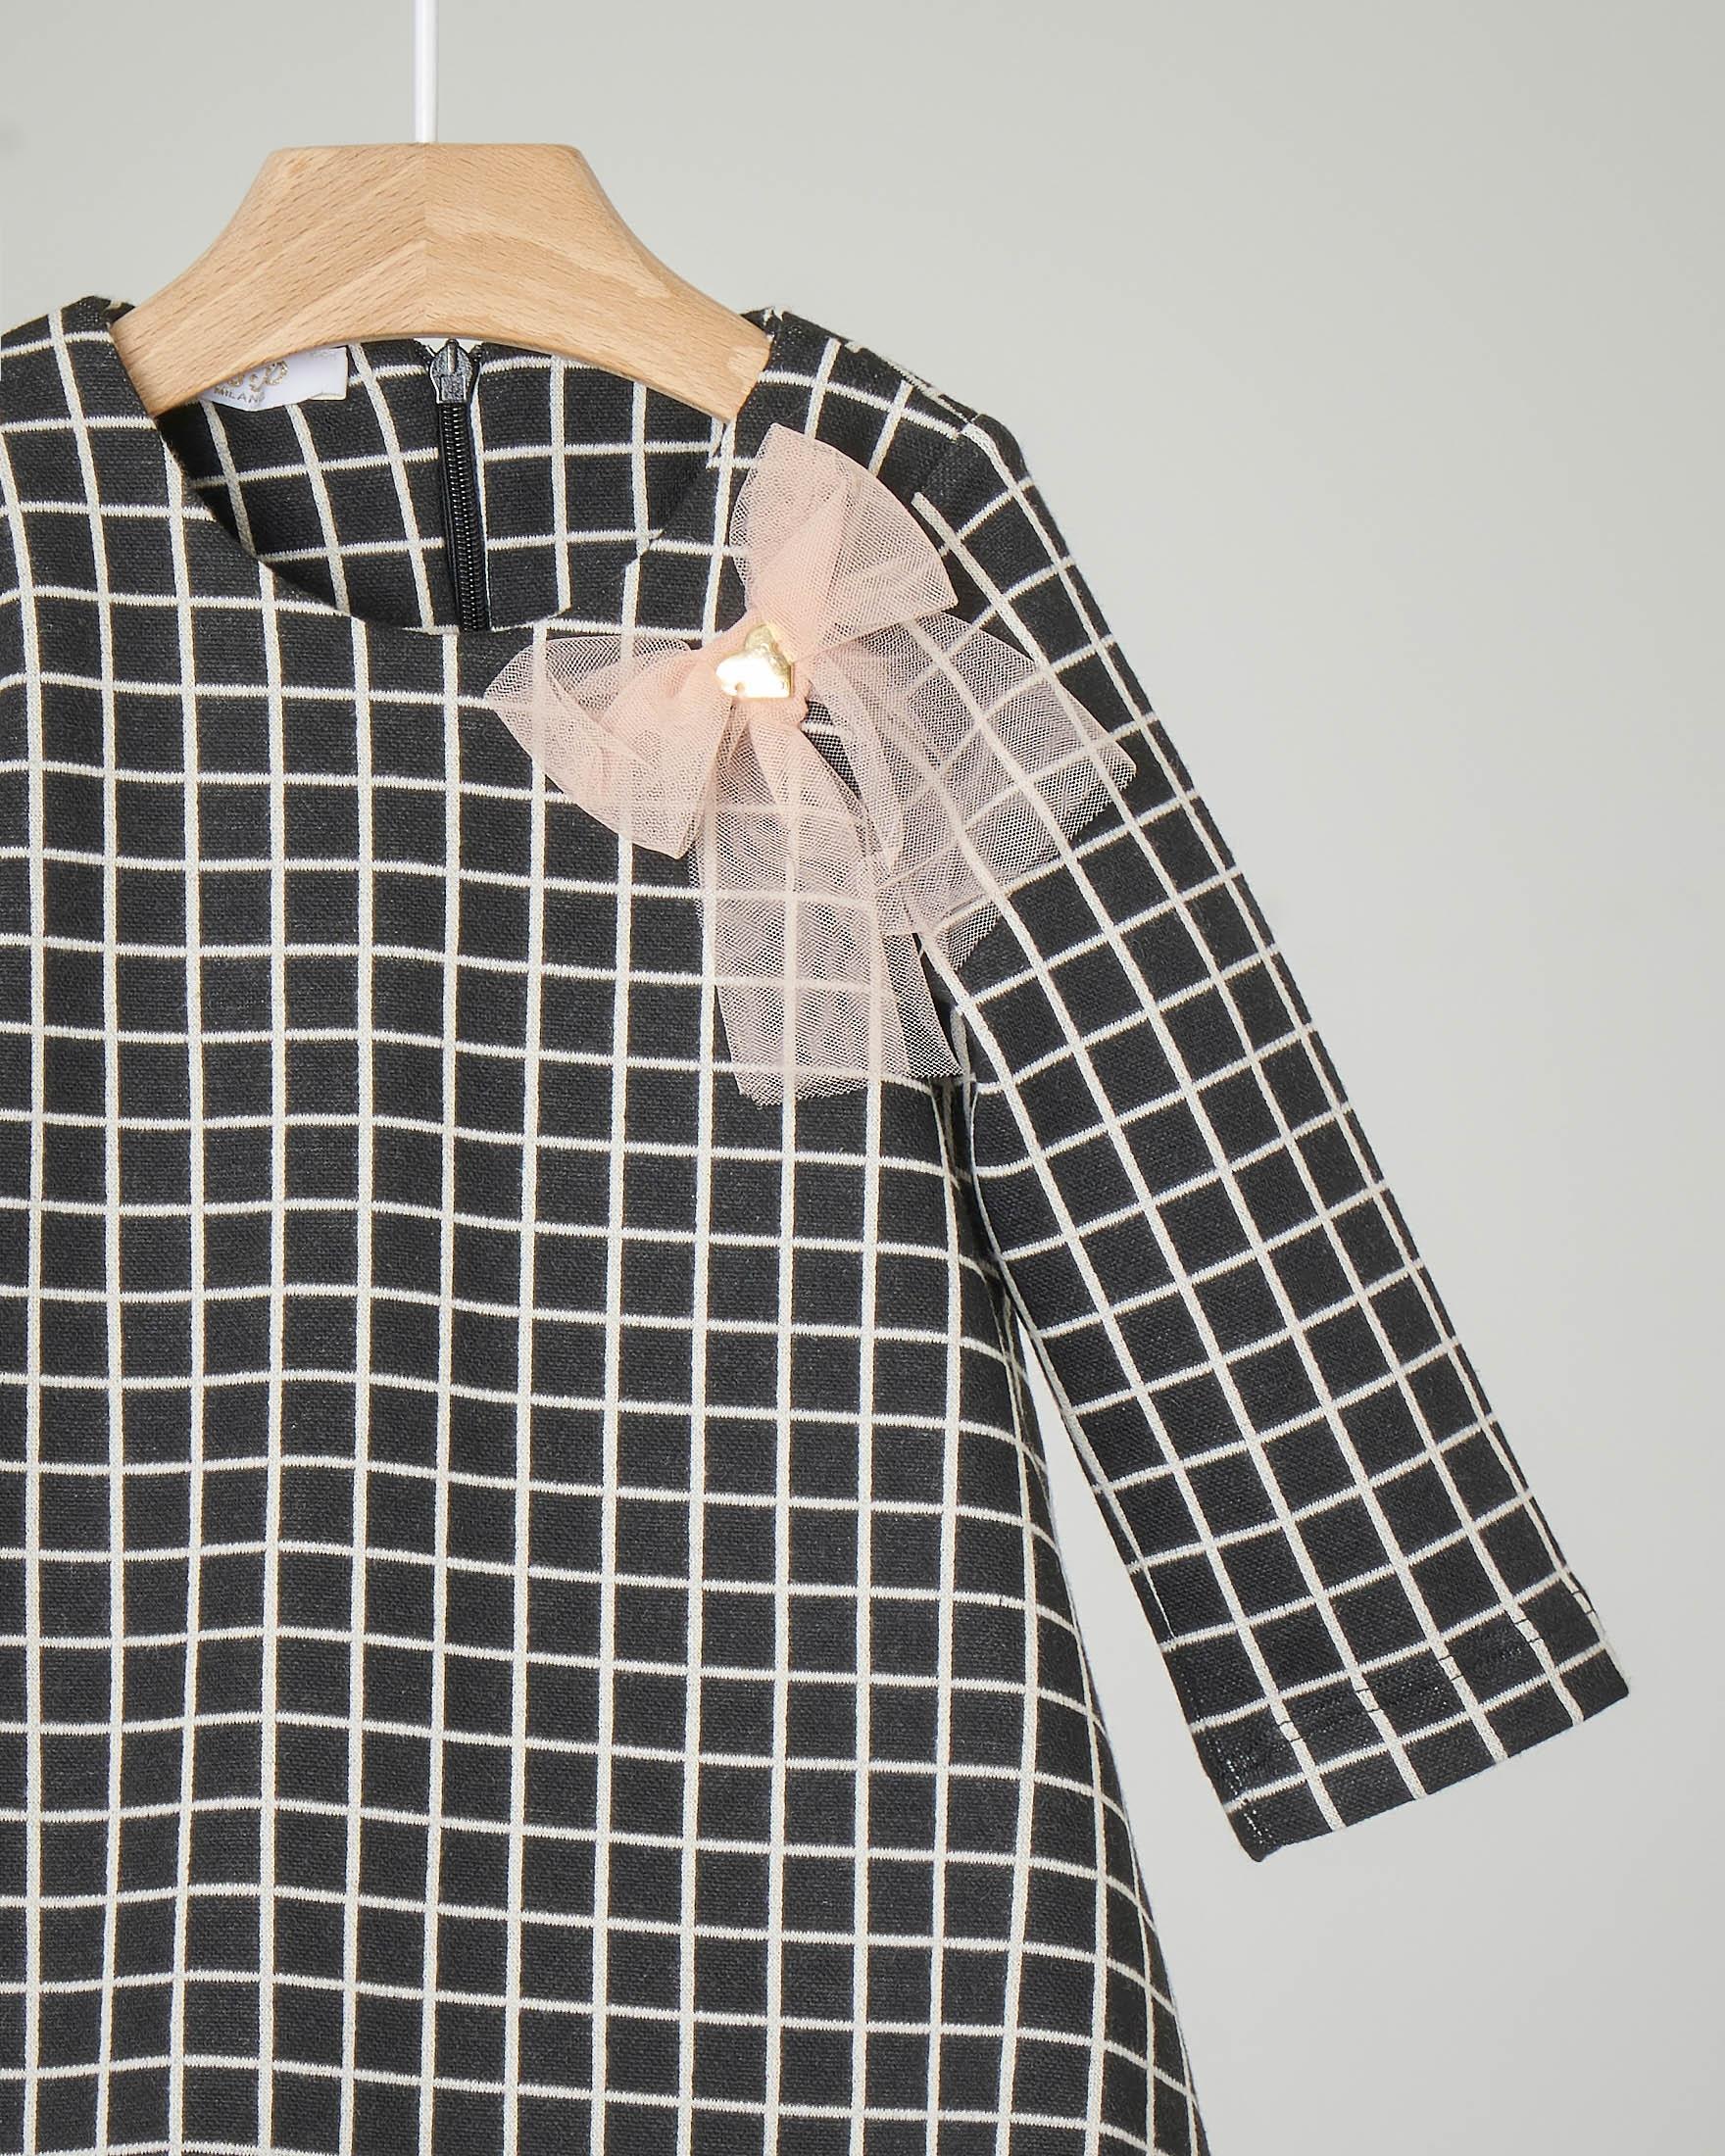 low priced e20d1 35dc0 Abito nero in jersey con quadri bianchi e fiocco rosa 9-18 mesi    Pellizzari E-commerce